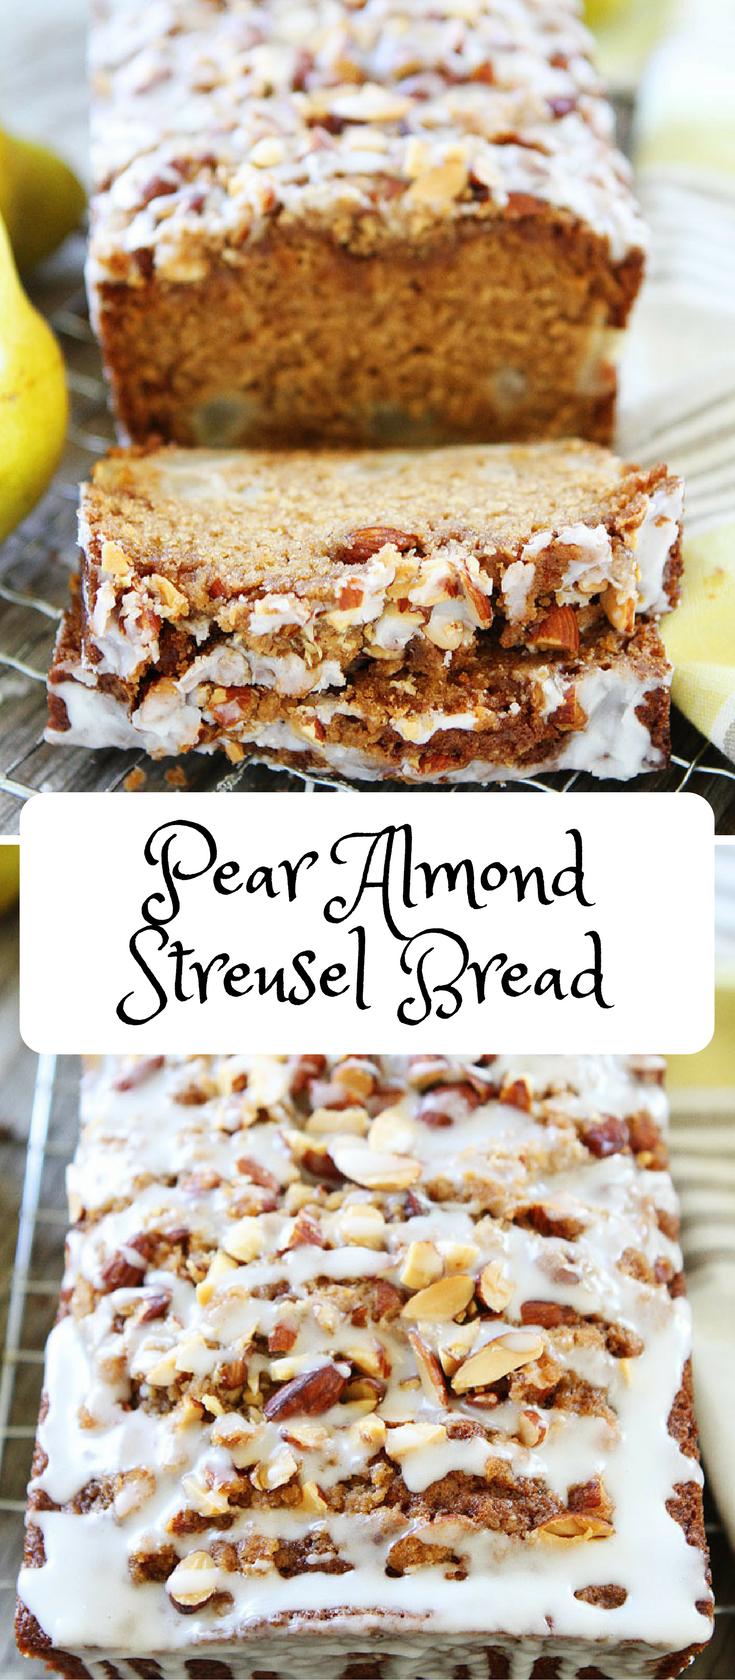 Pear Almond Streusel Bread Recipe Hugs Cookies Shared Board